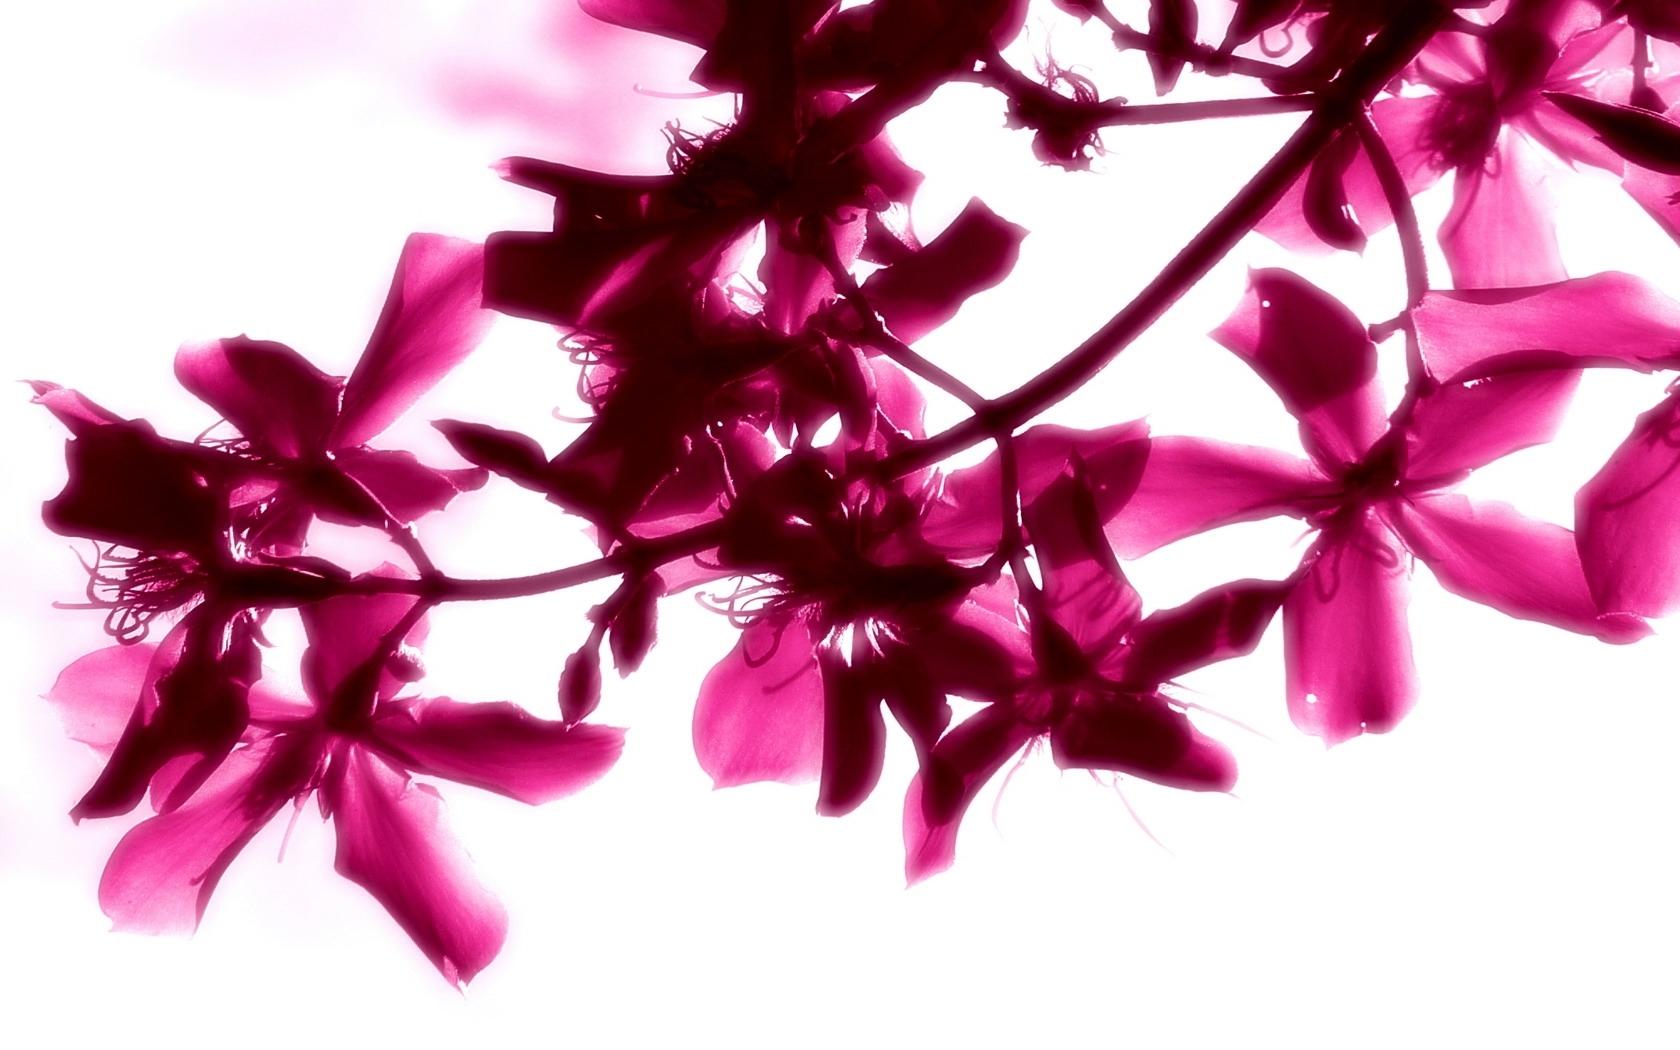 26047 скачать обои Растения, Цветы - заставки и картинки бесплатно